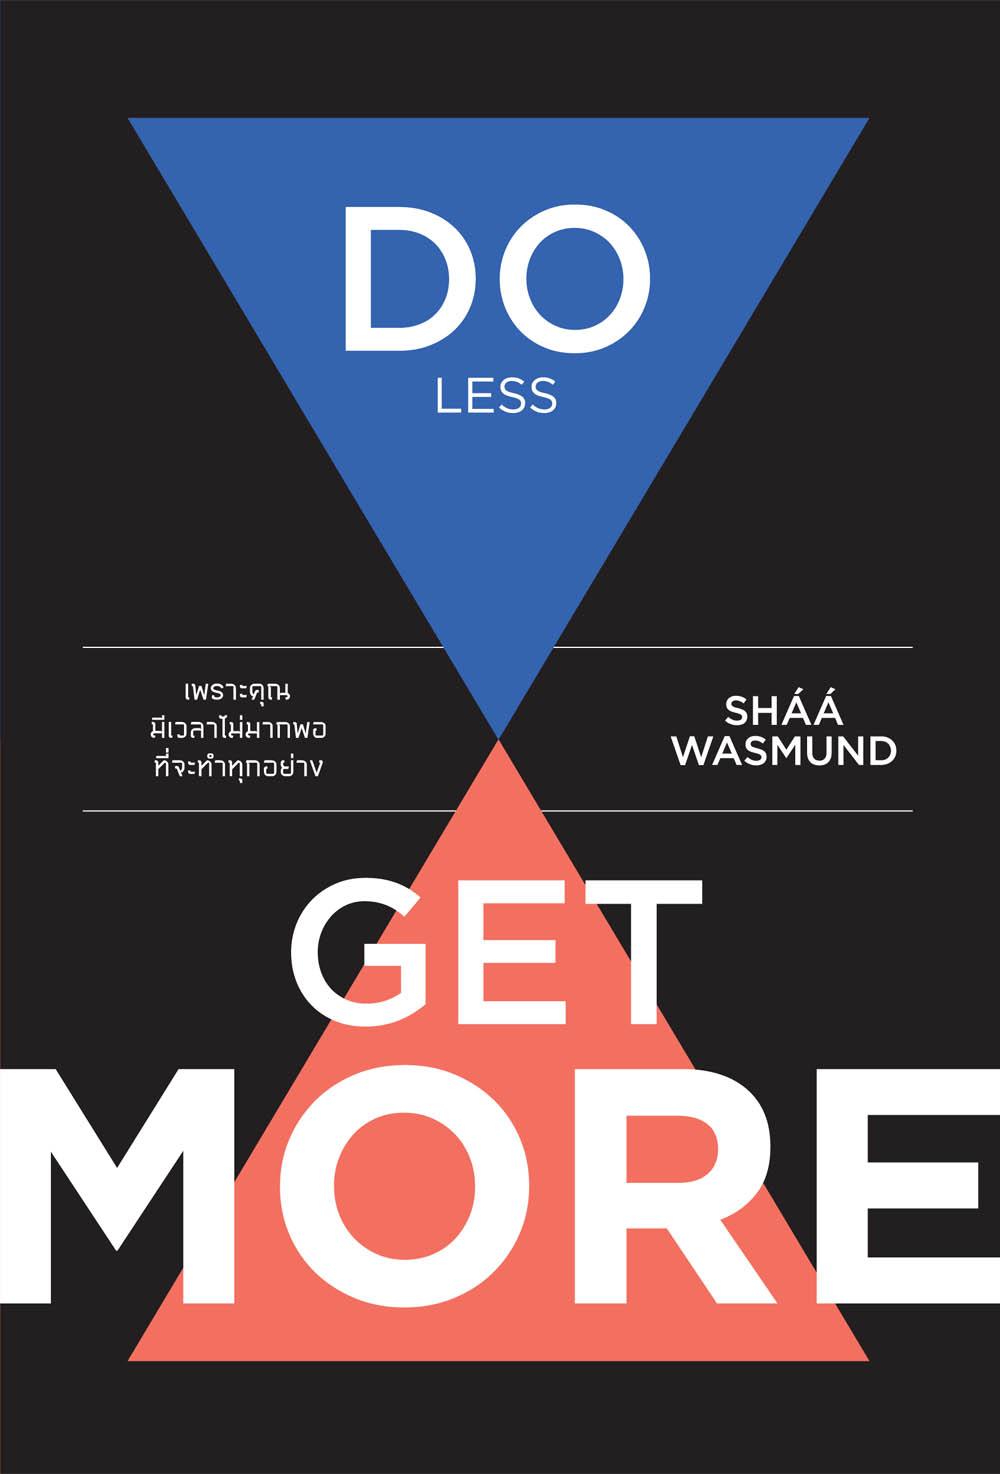 เพราะคุณมีเวลาไม่มากพอที่จะทำทุกอย่าง  (Do Less, Get More)